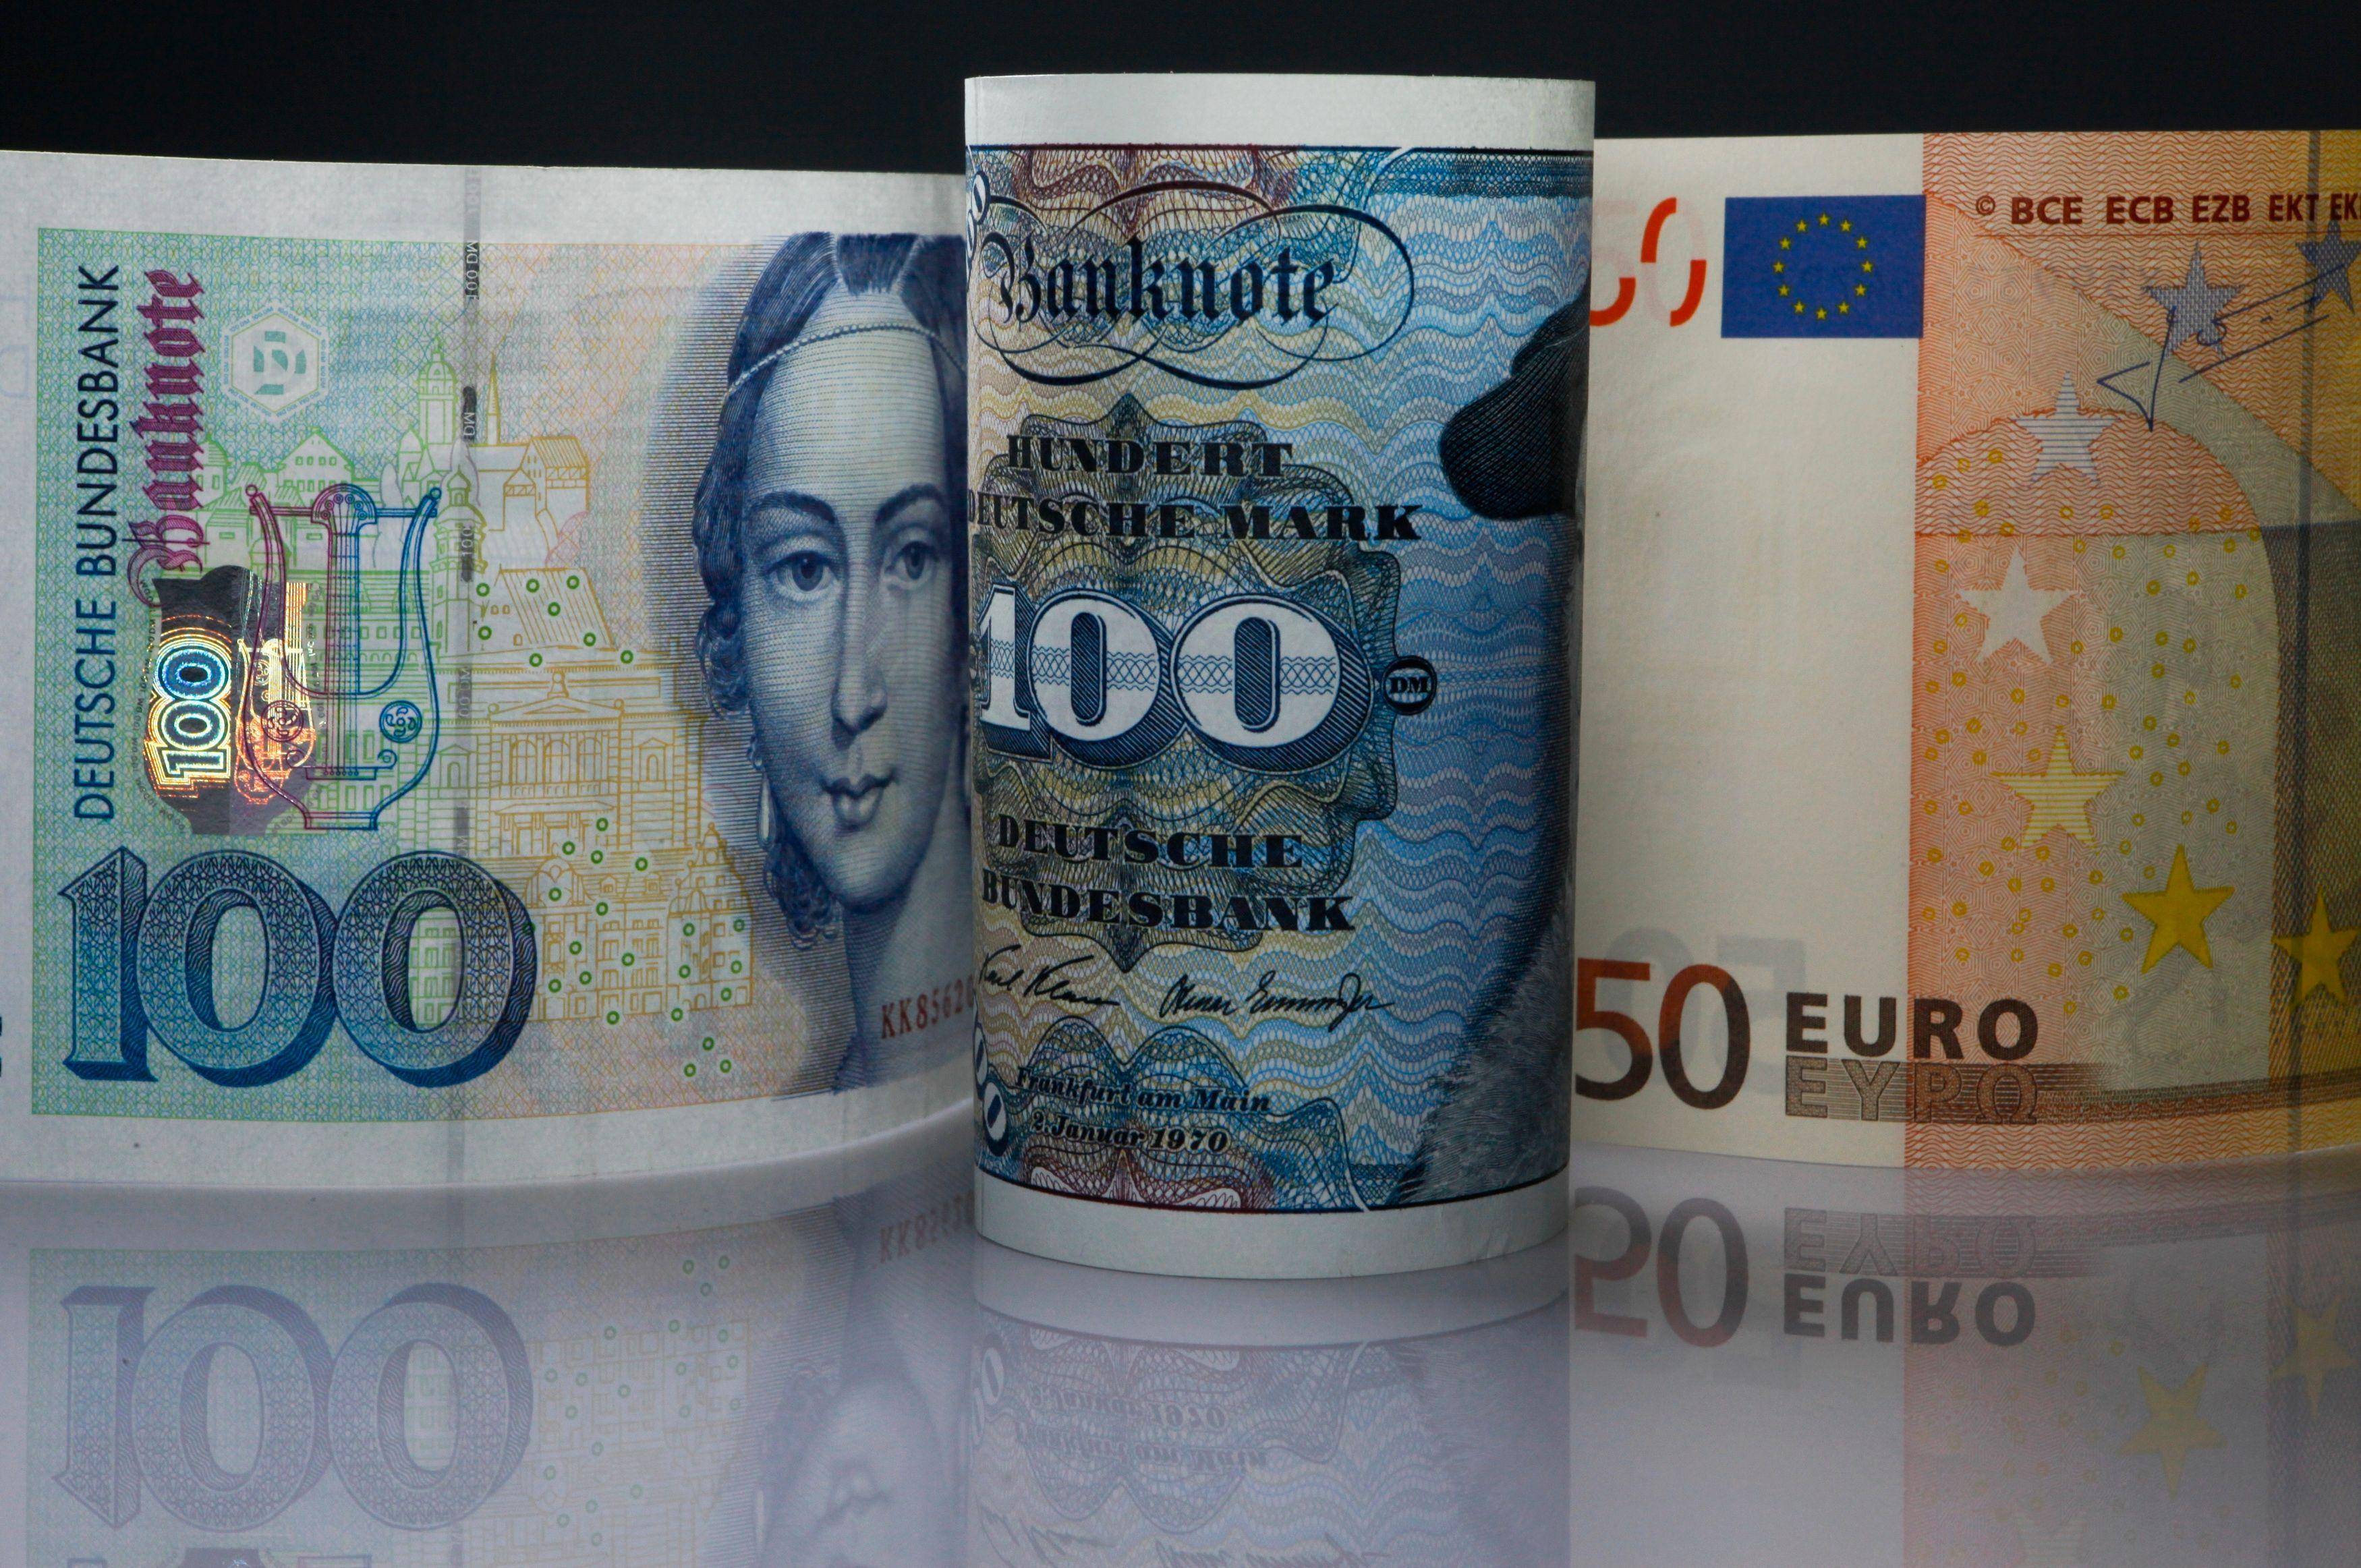 Les vertus économiques de l'Allemagne font l'unanimité.